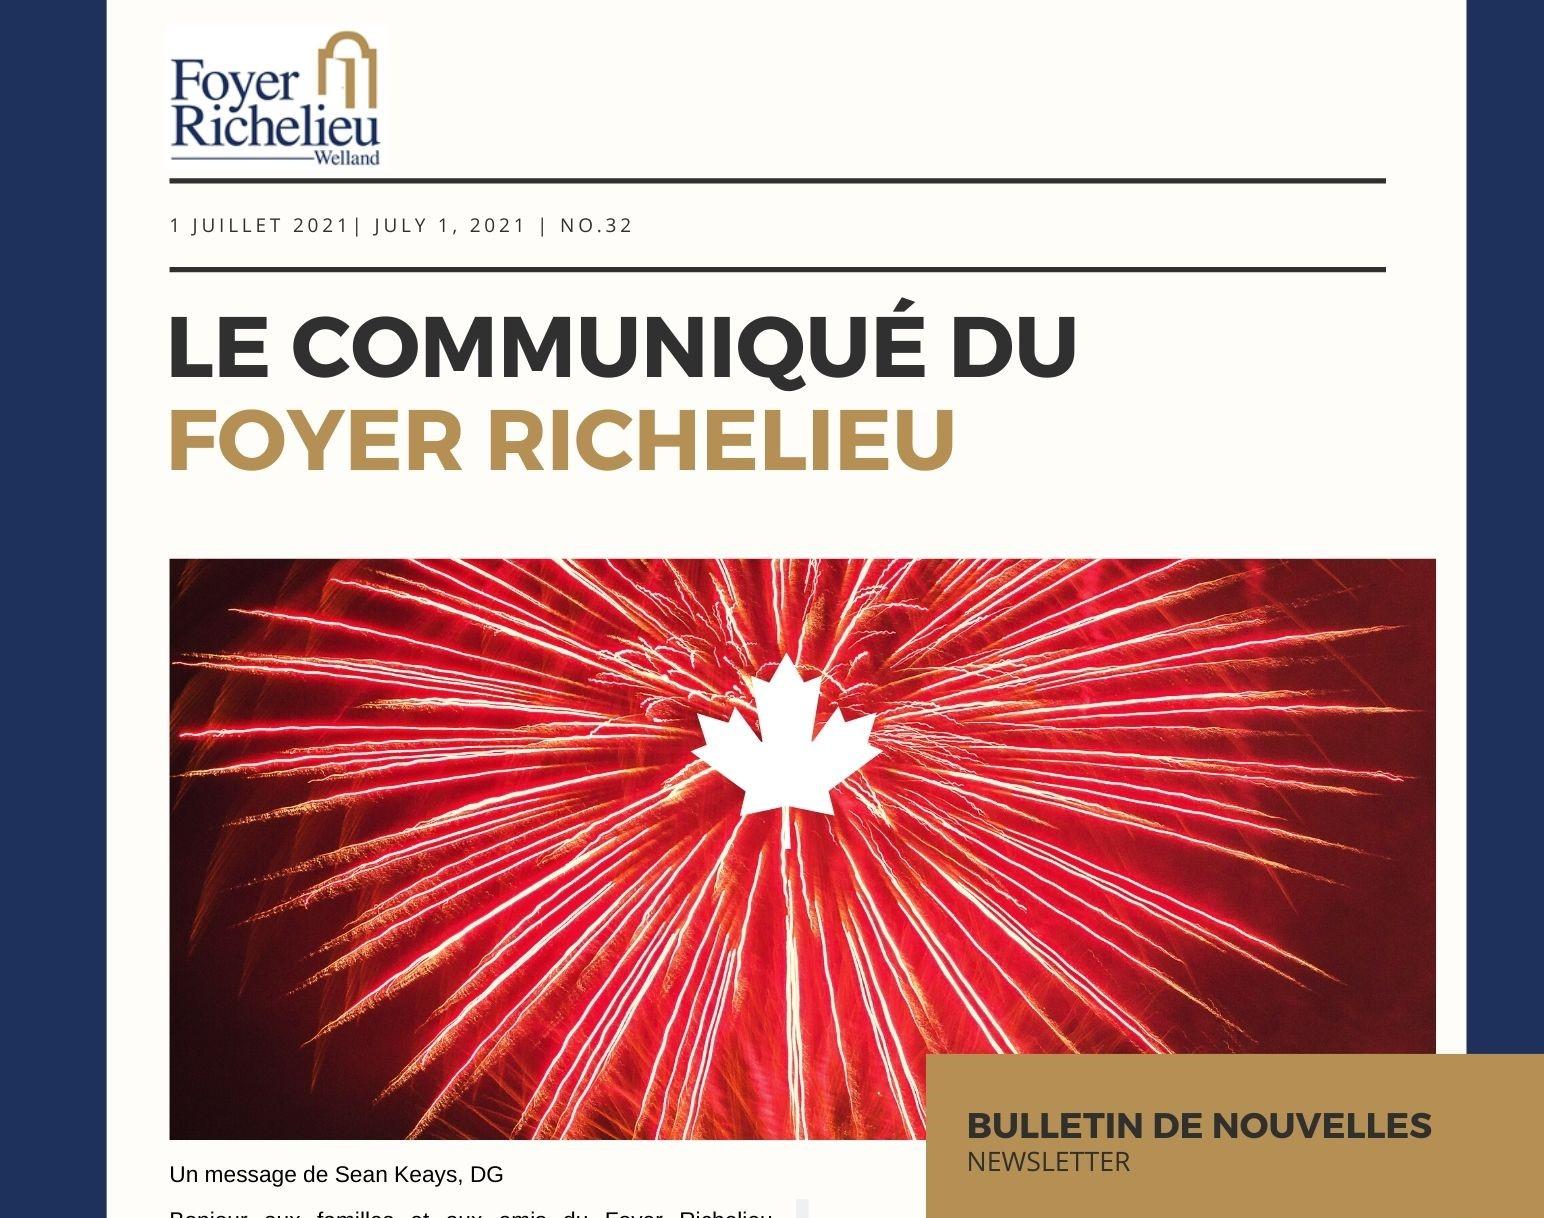 2021/07/01 – Le communiqué du Foyer Richelieu